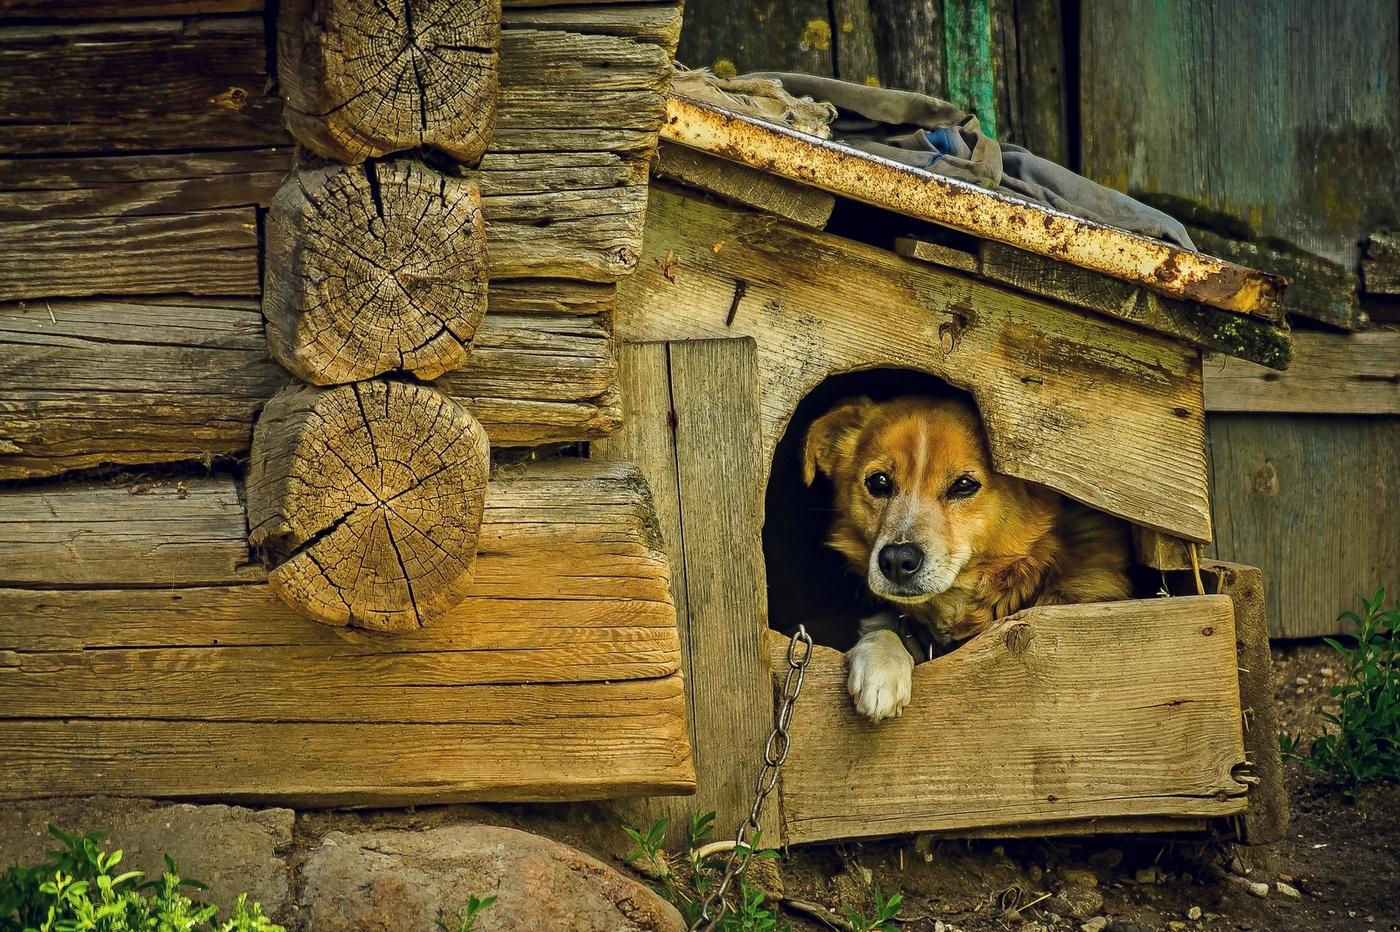 картинка щенка у конуры пройдет интересно весело